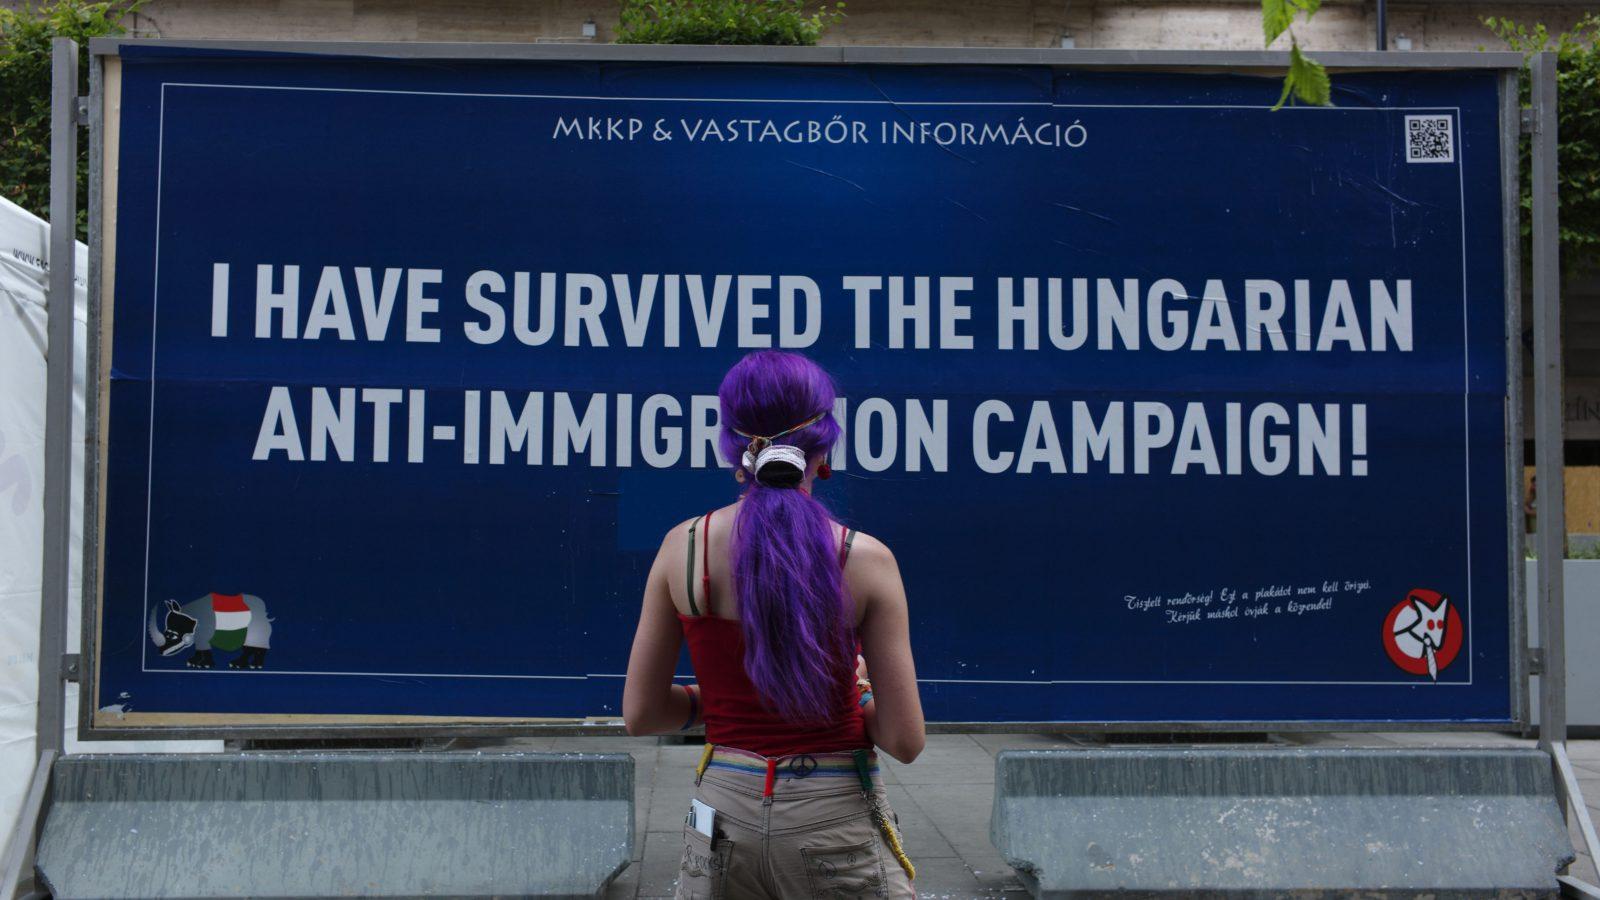 Billboard in Hungary.